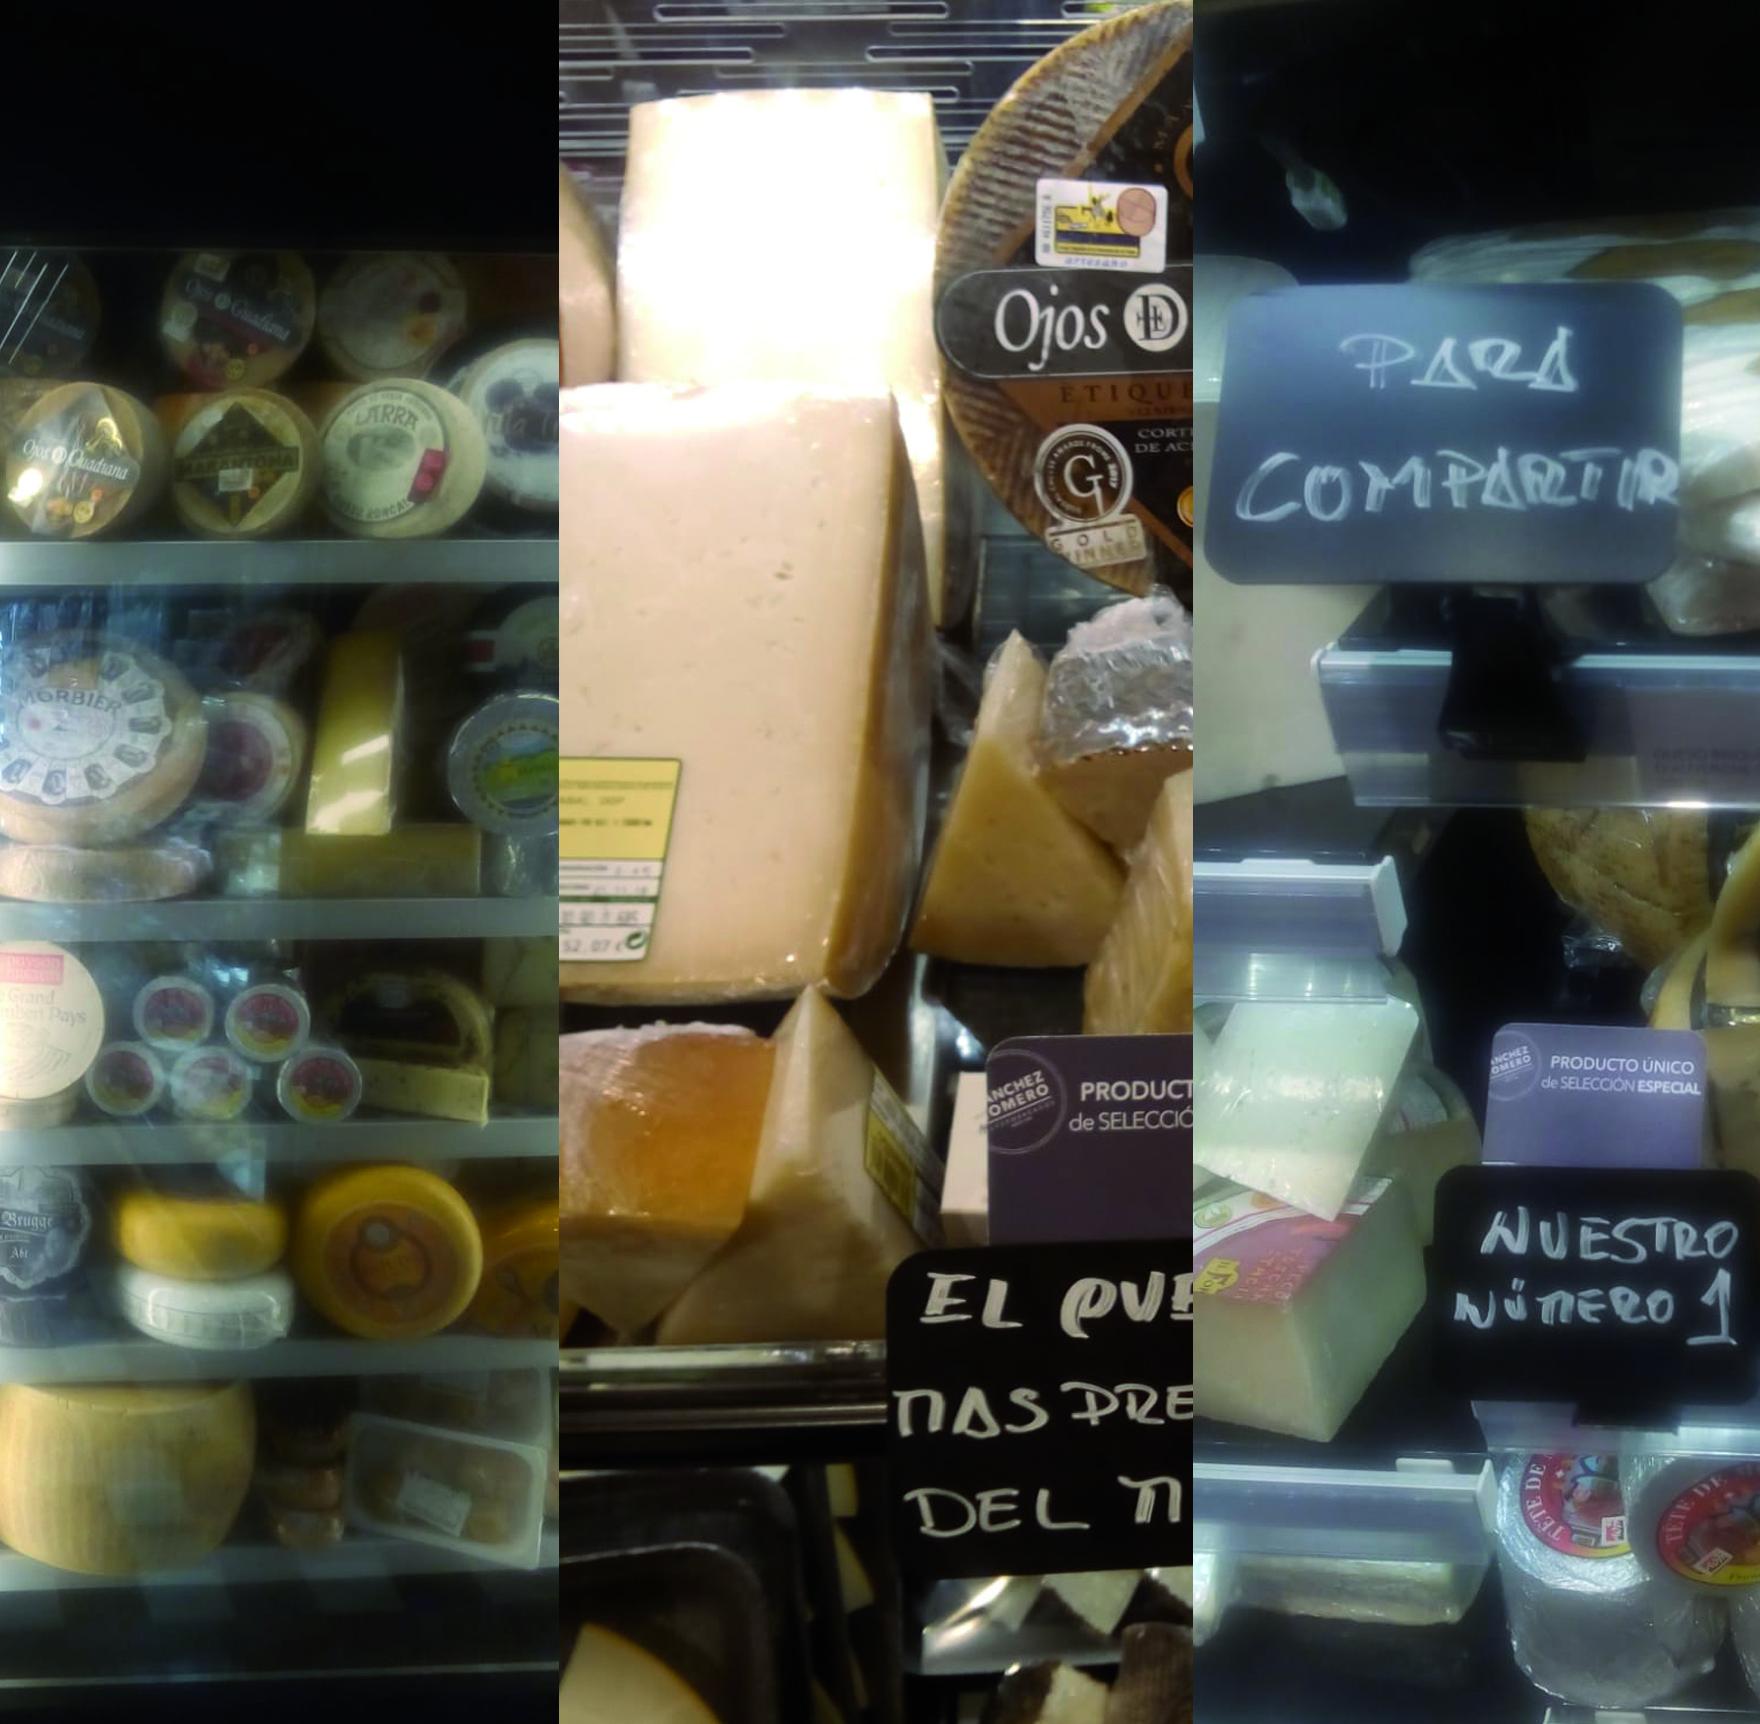 ¿Cómo es la experiencia de compra en un supermercado 'Sánchez Romero'?